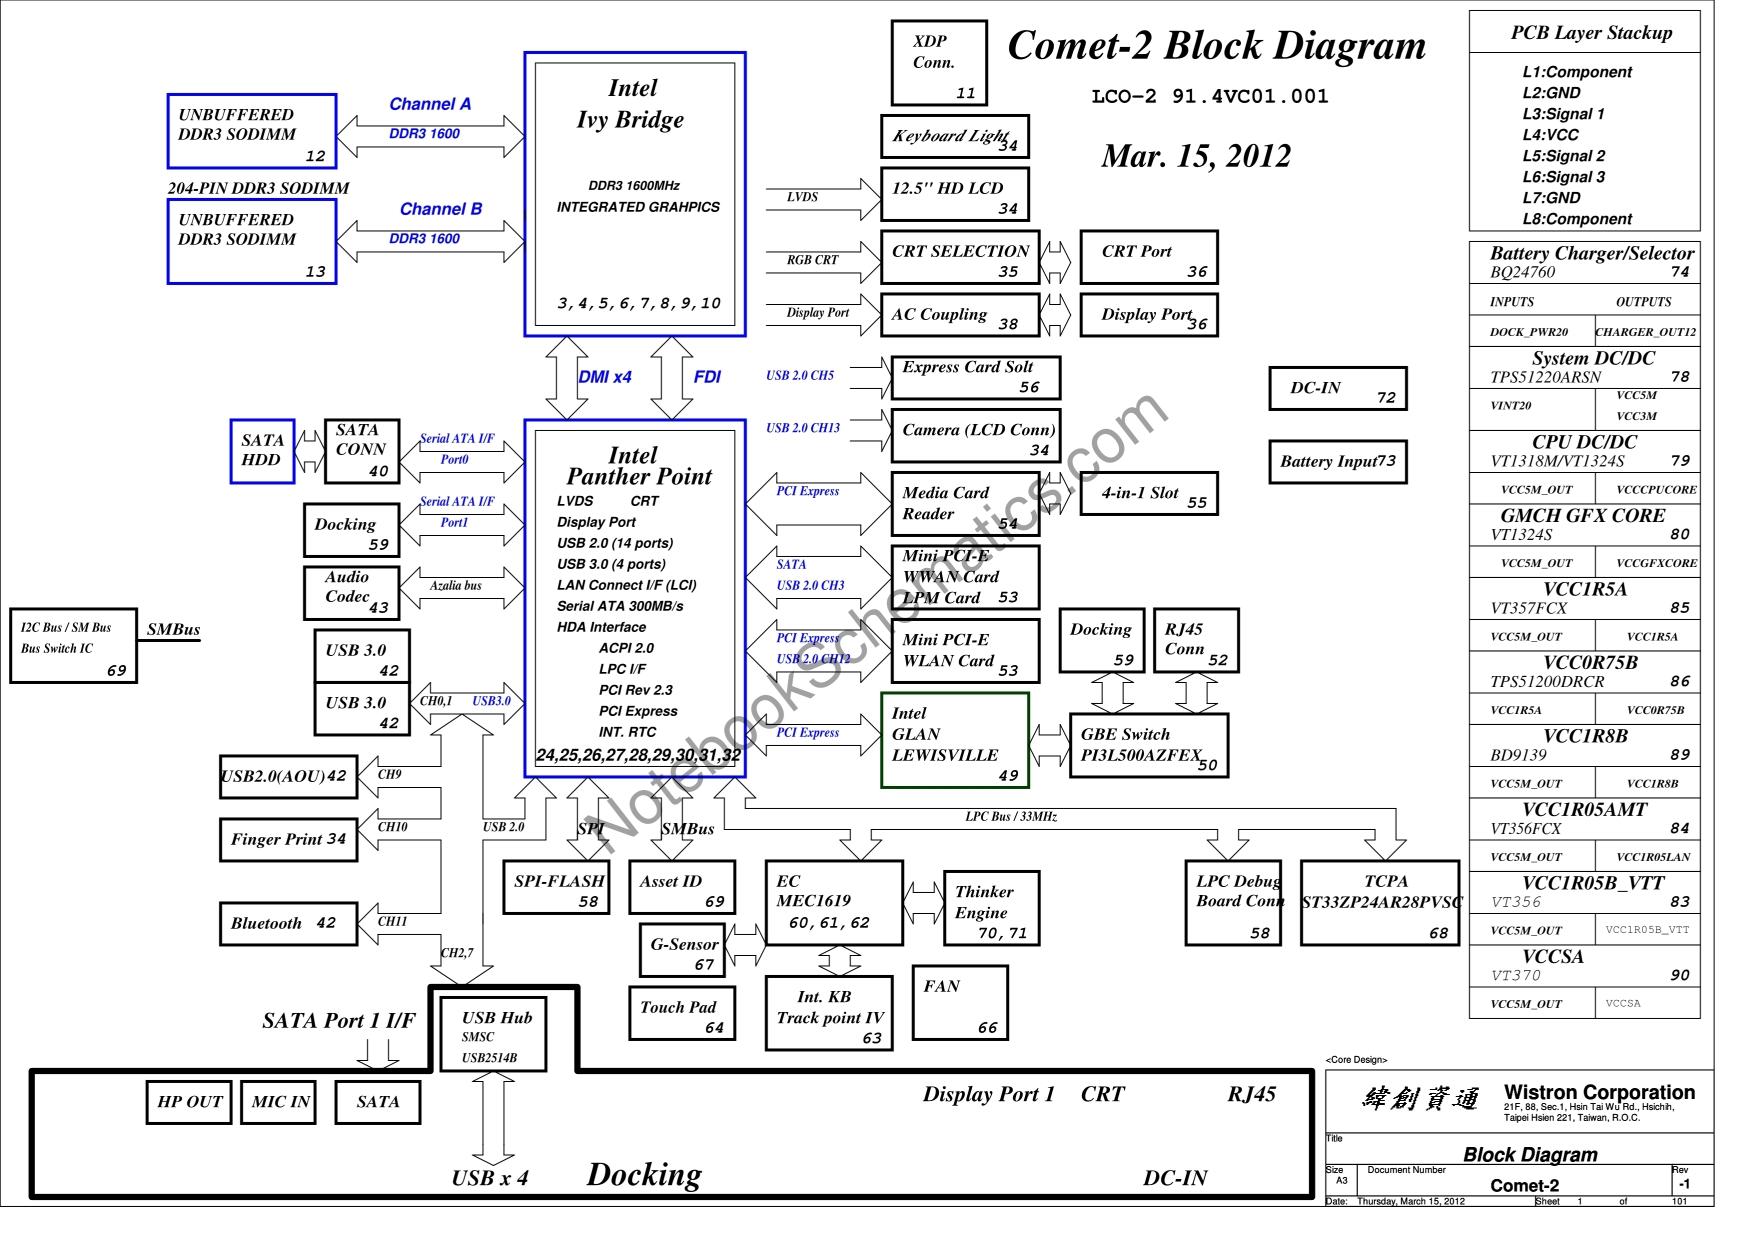 oppo schematic diagram pdf